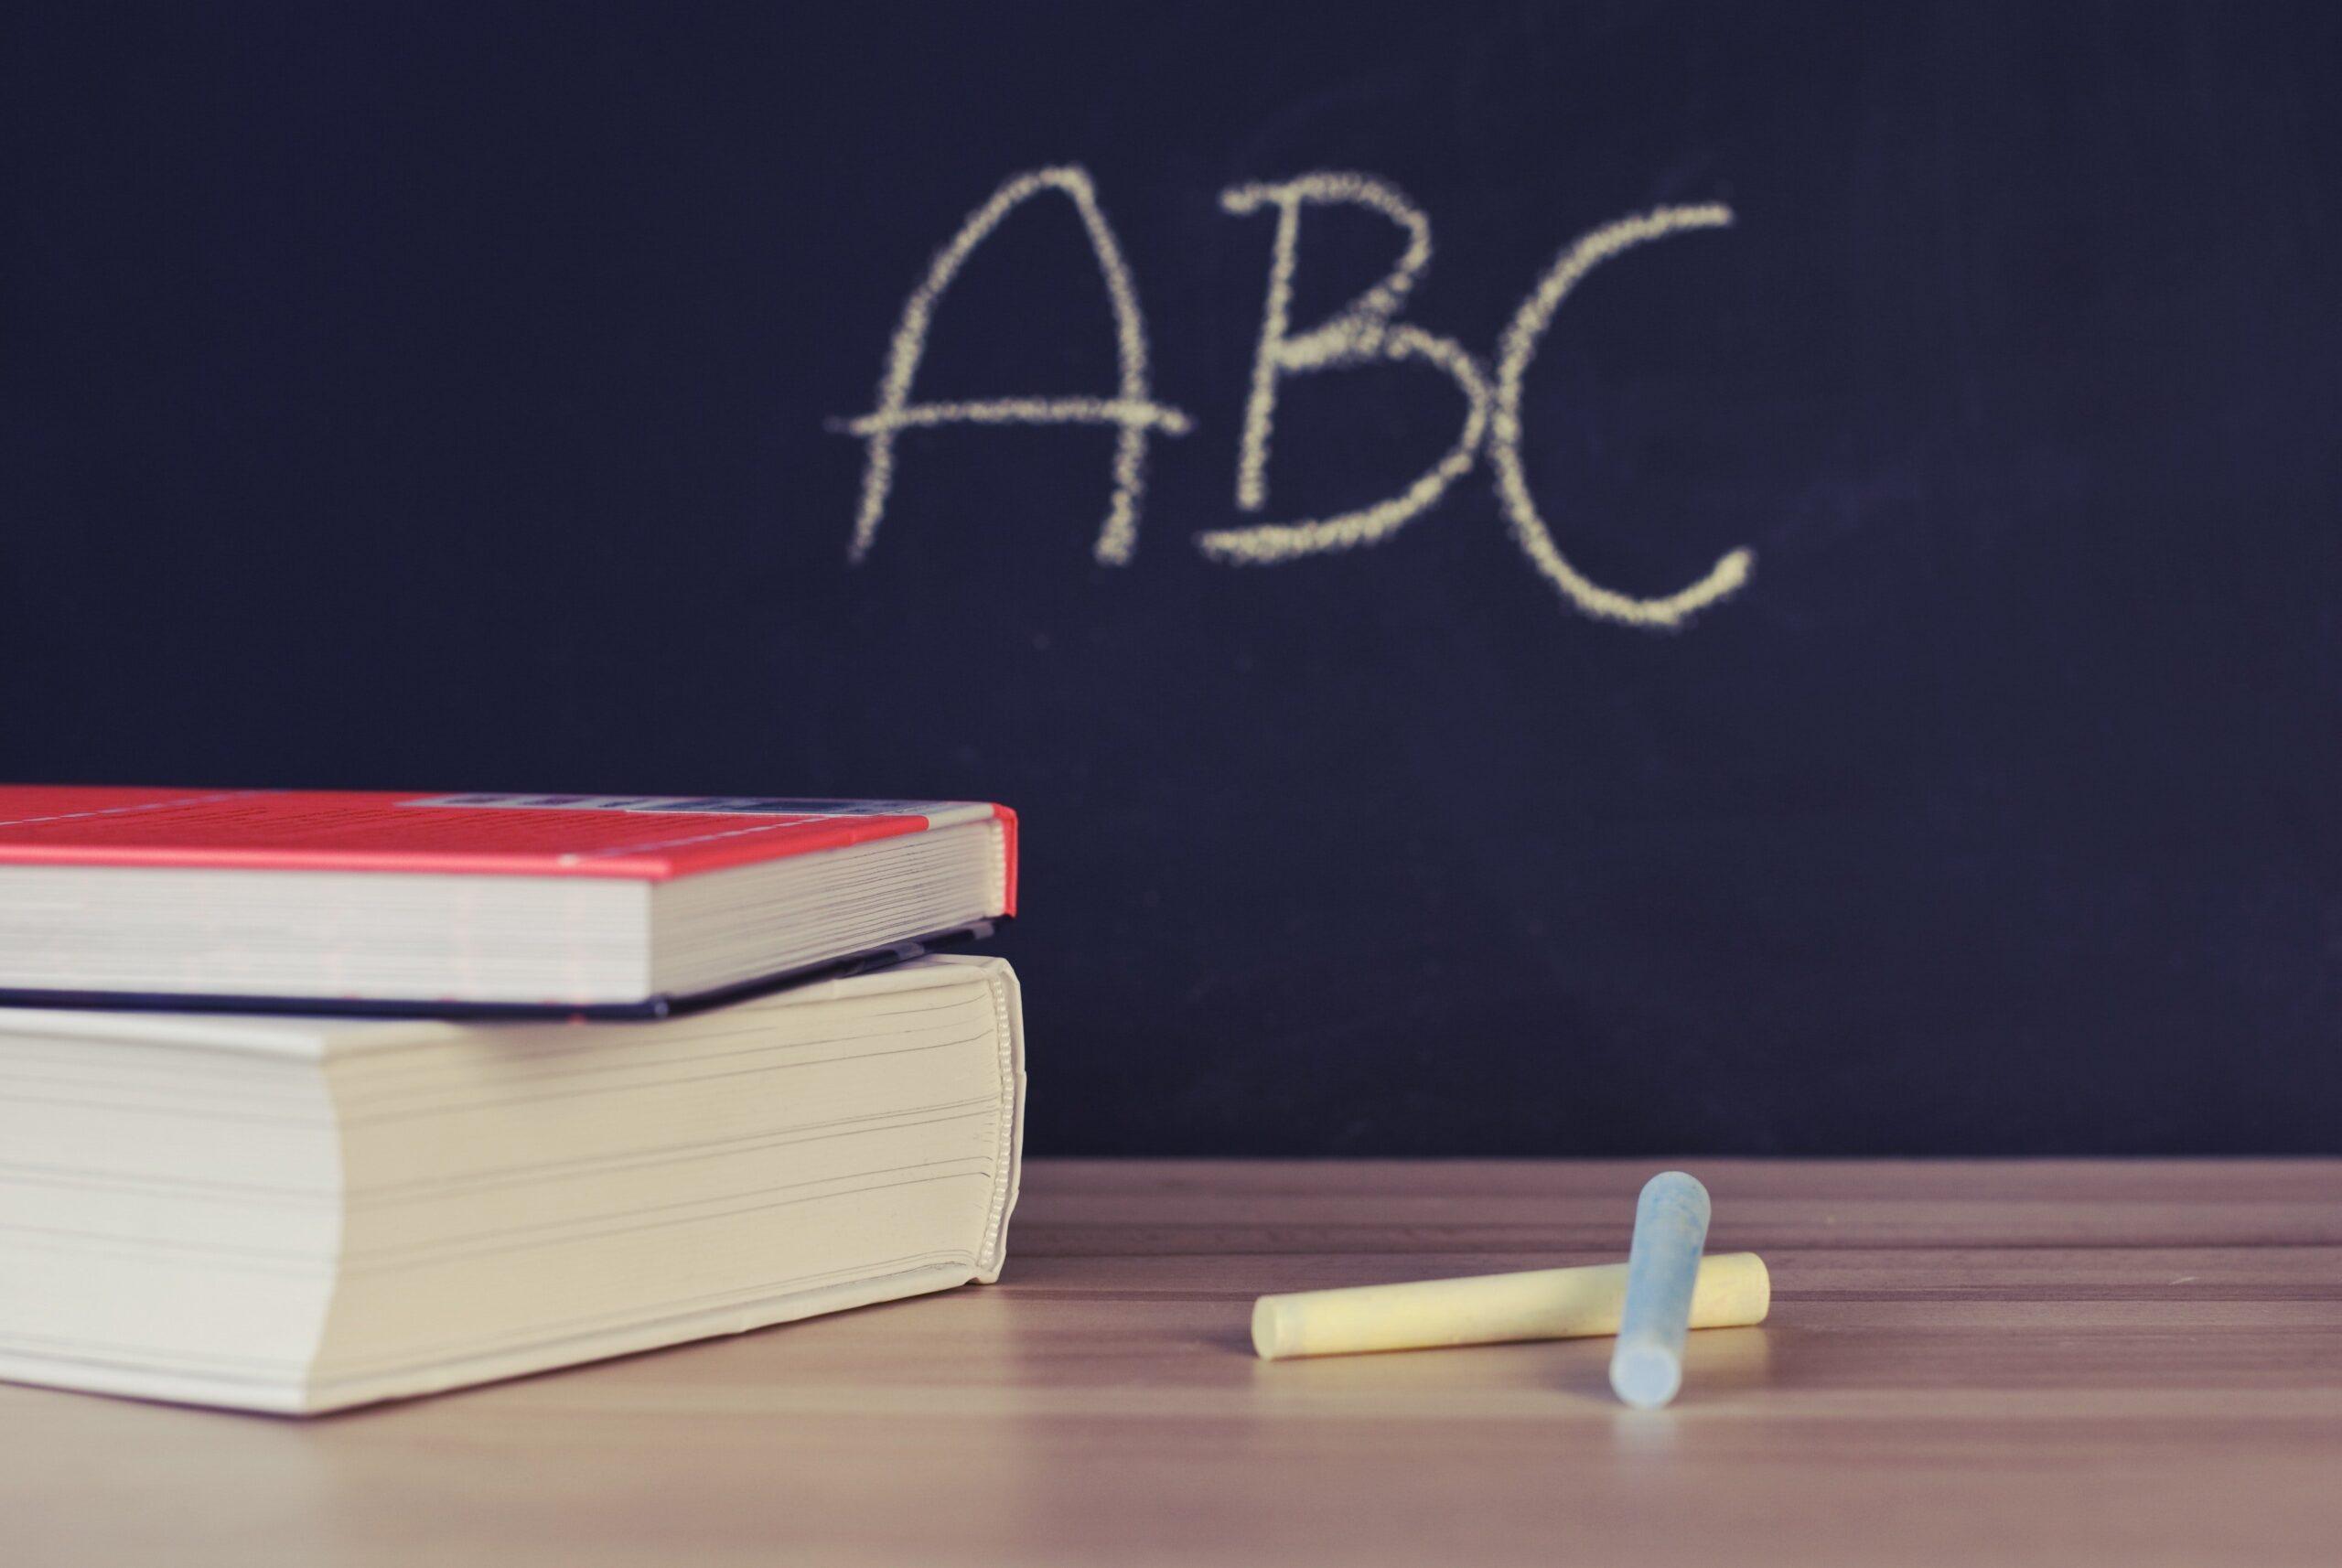 La condotta offensiva abituale del docente integra il reato di maltrattamenti